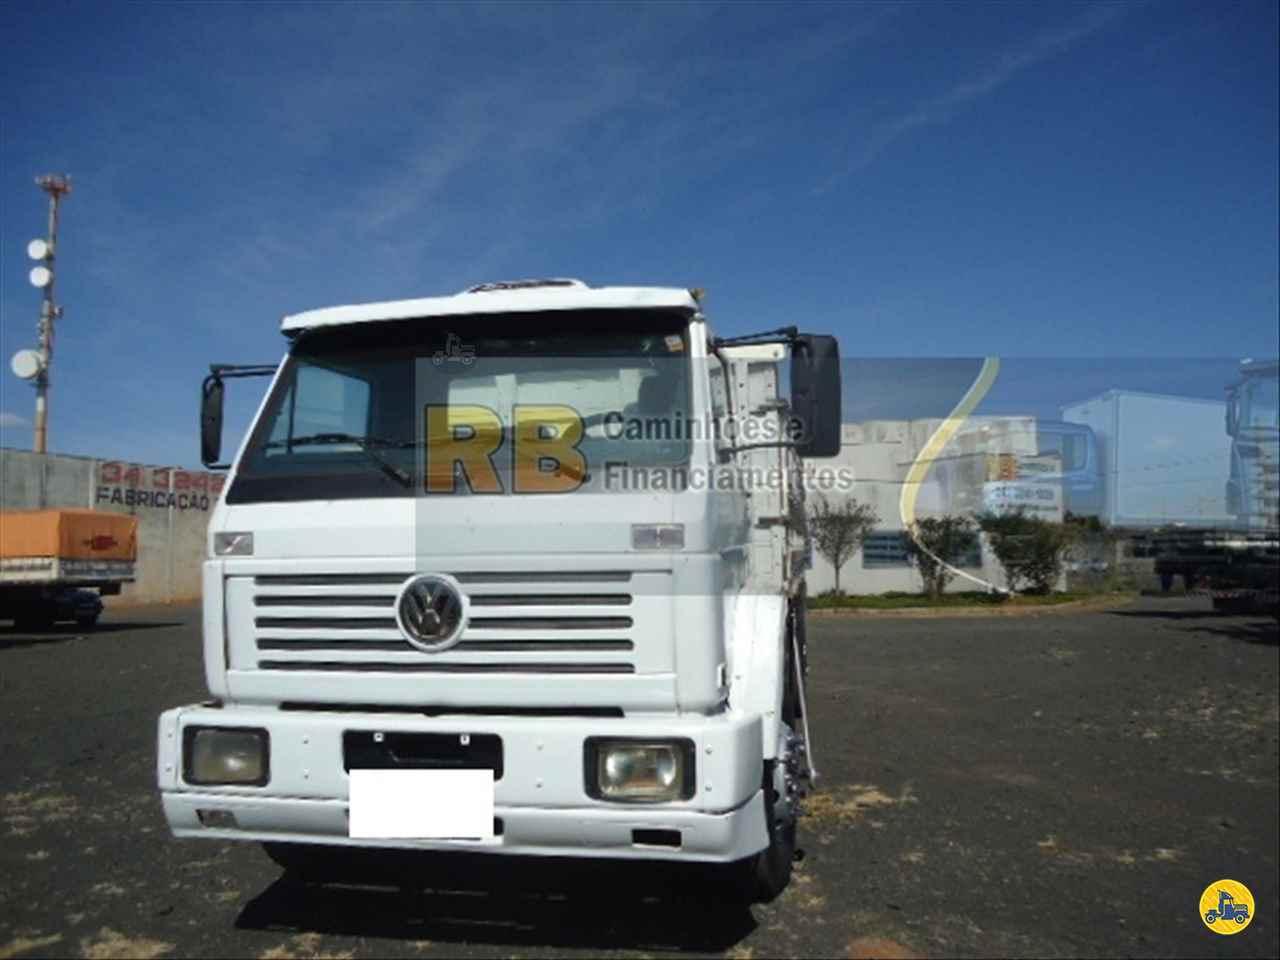 CAMINHAO VOLKSWAGEN VW 14220 Graneleiro Truck 6x2 RB Caminhões & Financiamentos ARAGUARI MINAS GERAIS MG